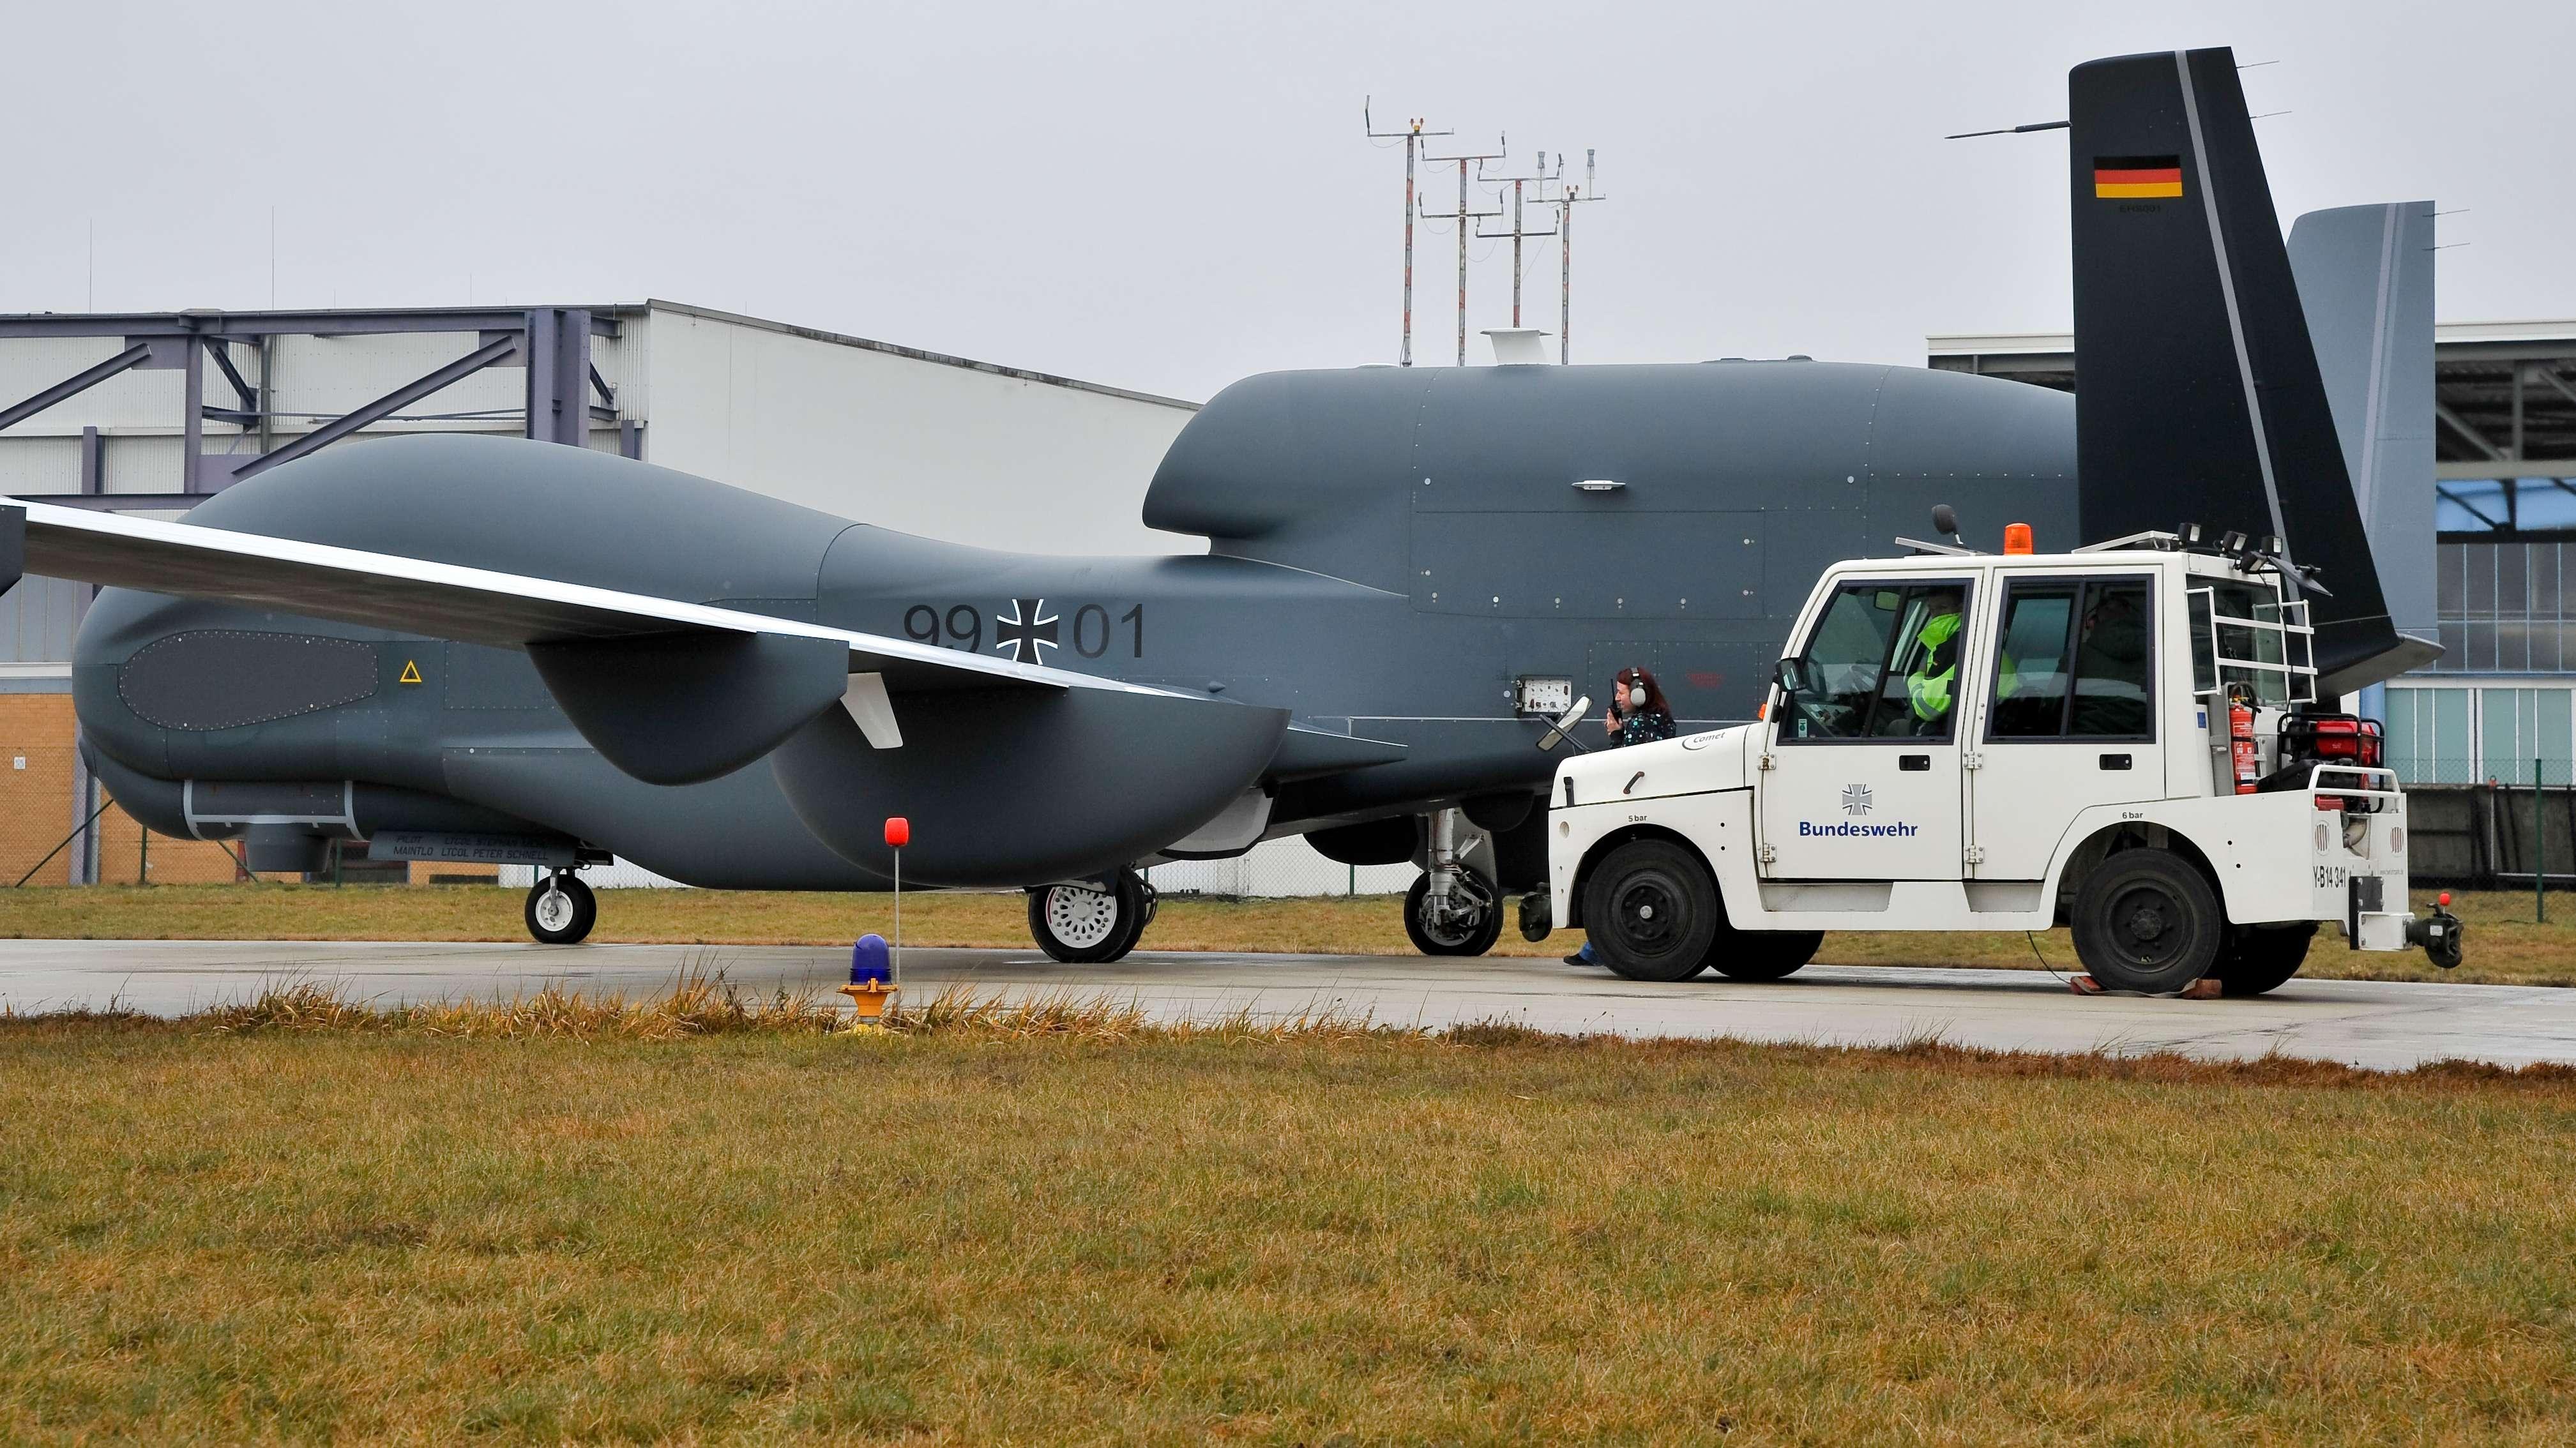 """März 2013: Ein Prototyp der Aufklärungsdrohne """"Eurohawk"""" startet vom militärischen Luftfahrtzentrum in Manching (Oberbayern) zu einem Testflug"""